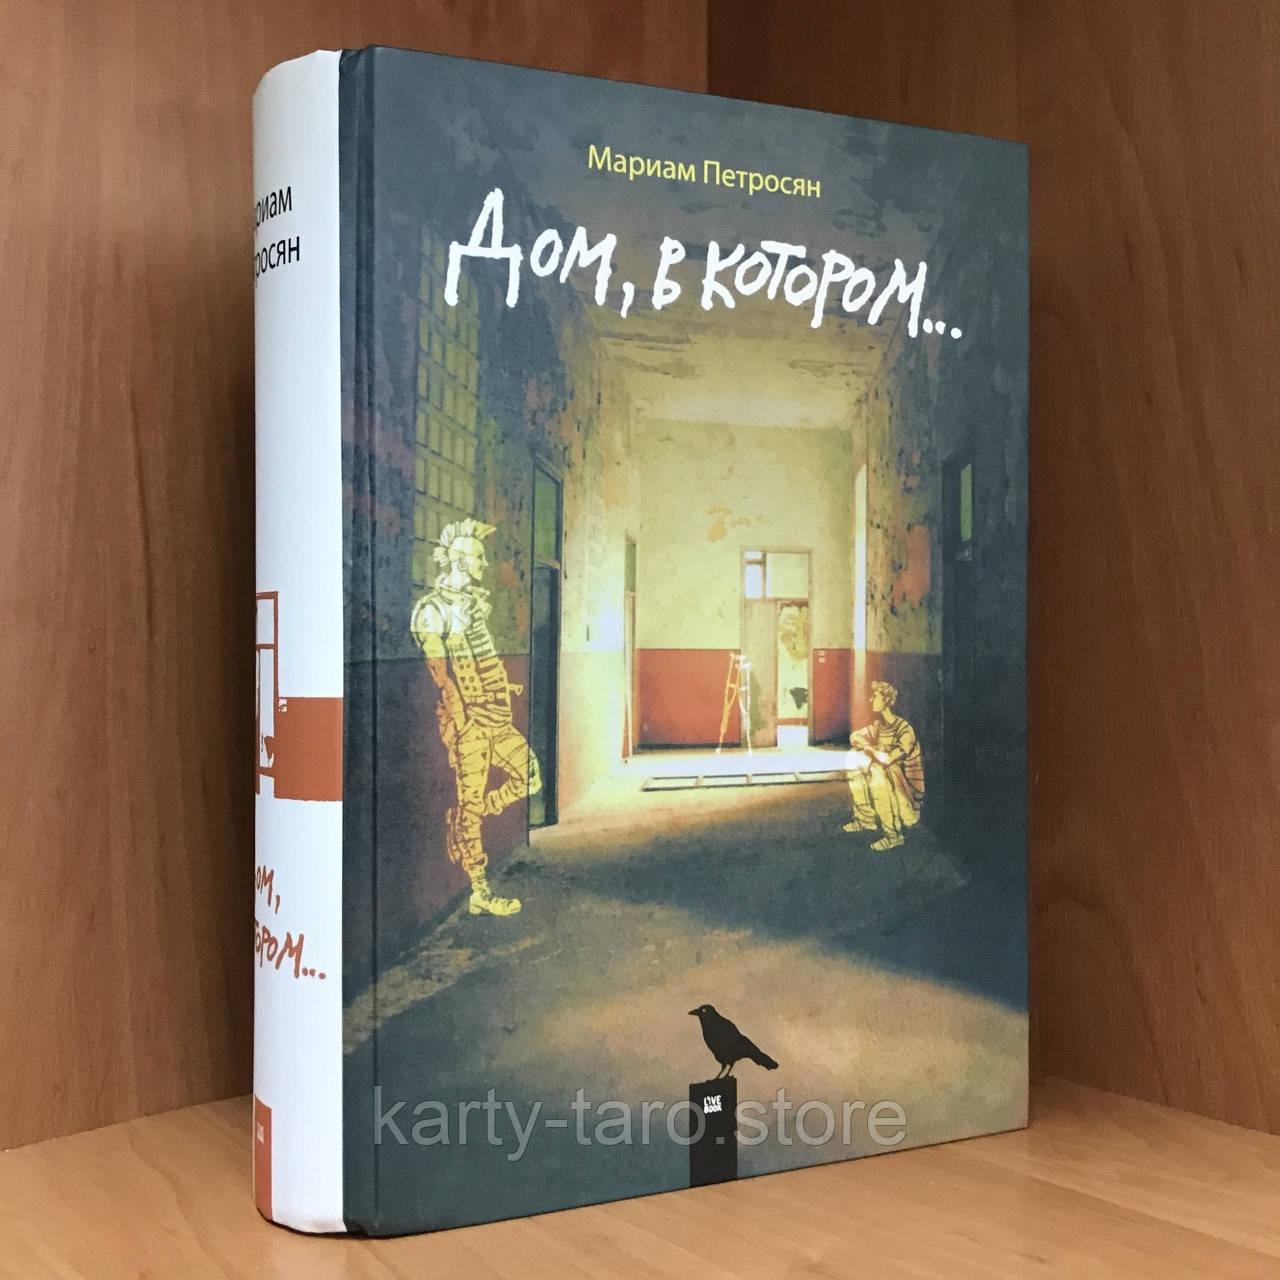 Книга Будинок, в якому...- Маріам Петросян